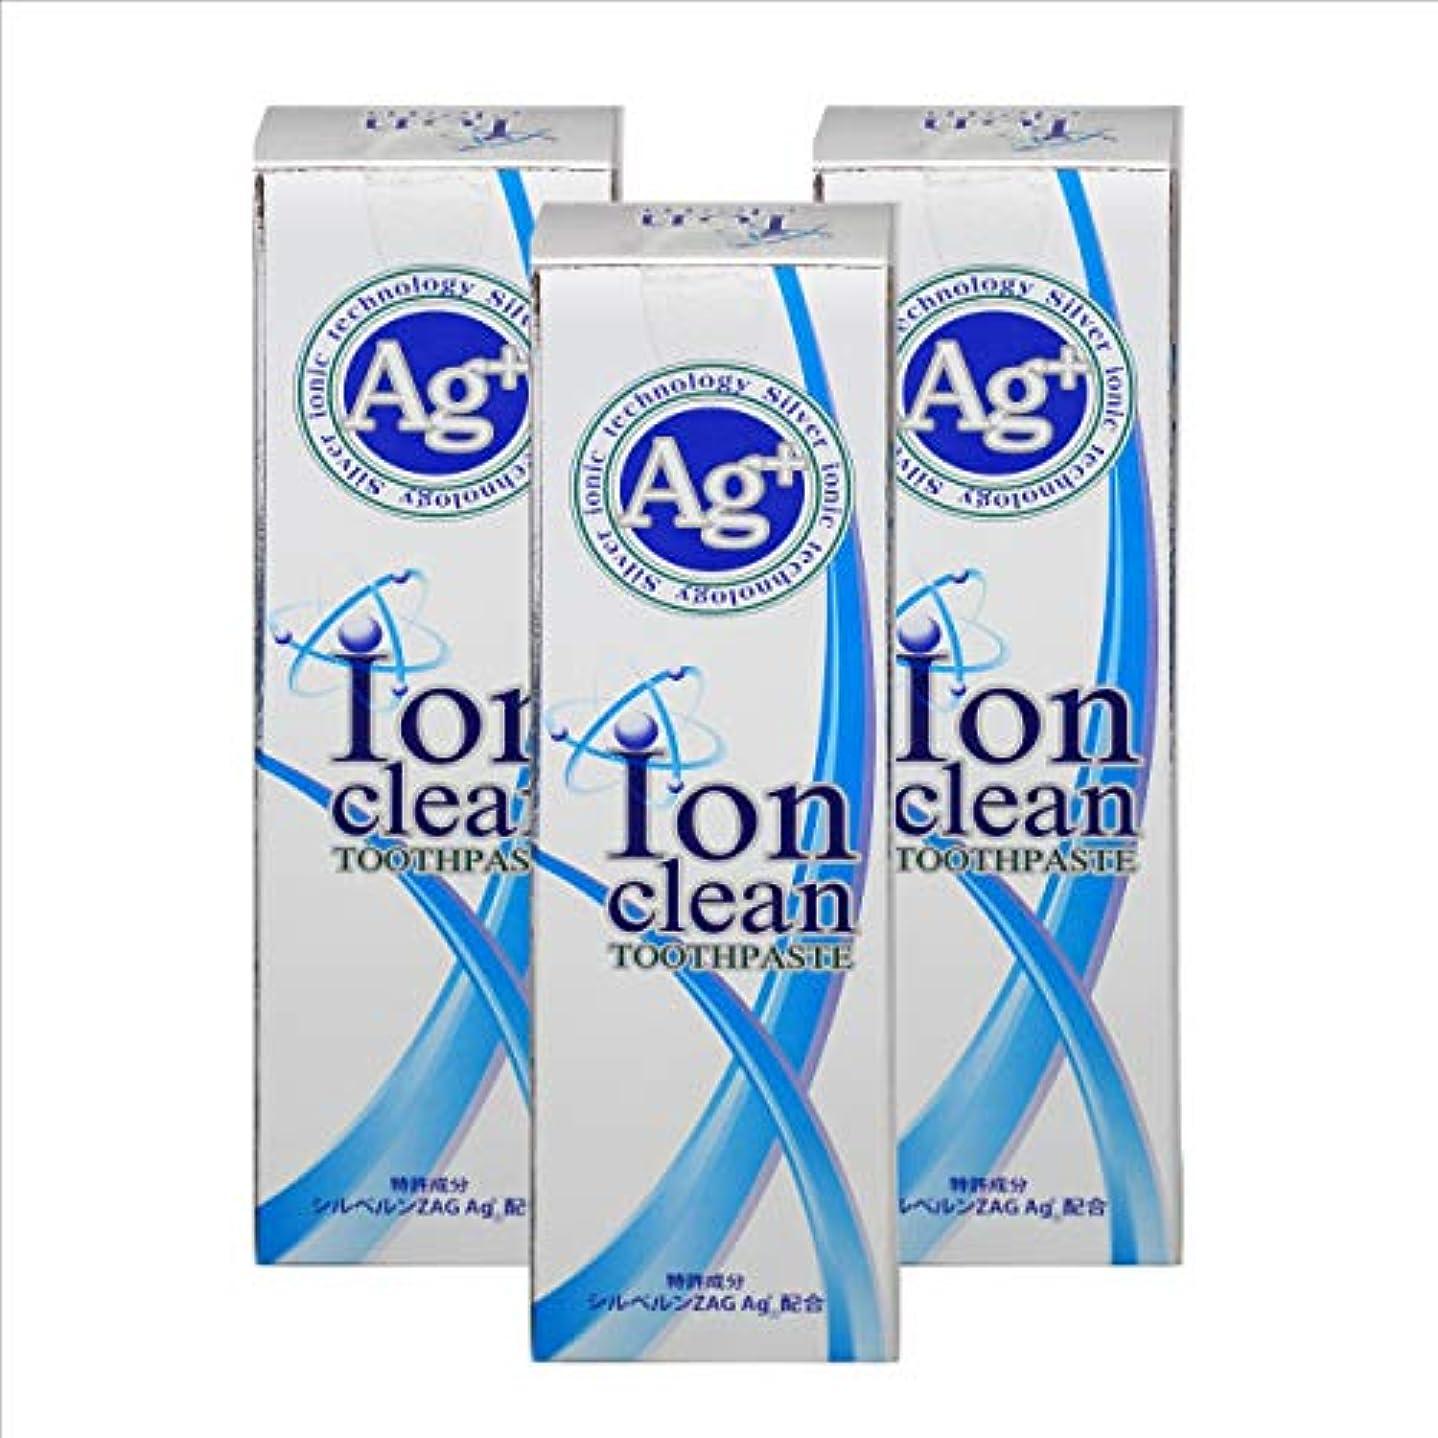 シングルチャーミング原告銀イオン配合歯磨き粉イオンクリーン 100g 3本セット(電動歯ブラシ特典つき) 口臭対策?歯周病ケアにおすすめ